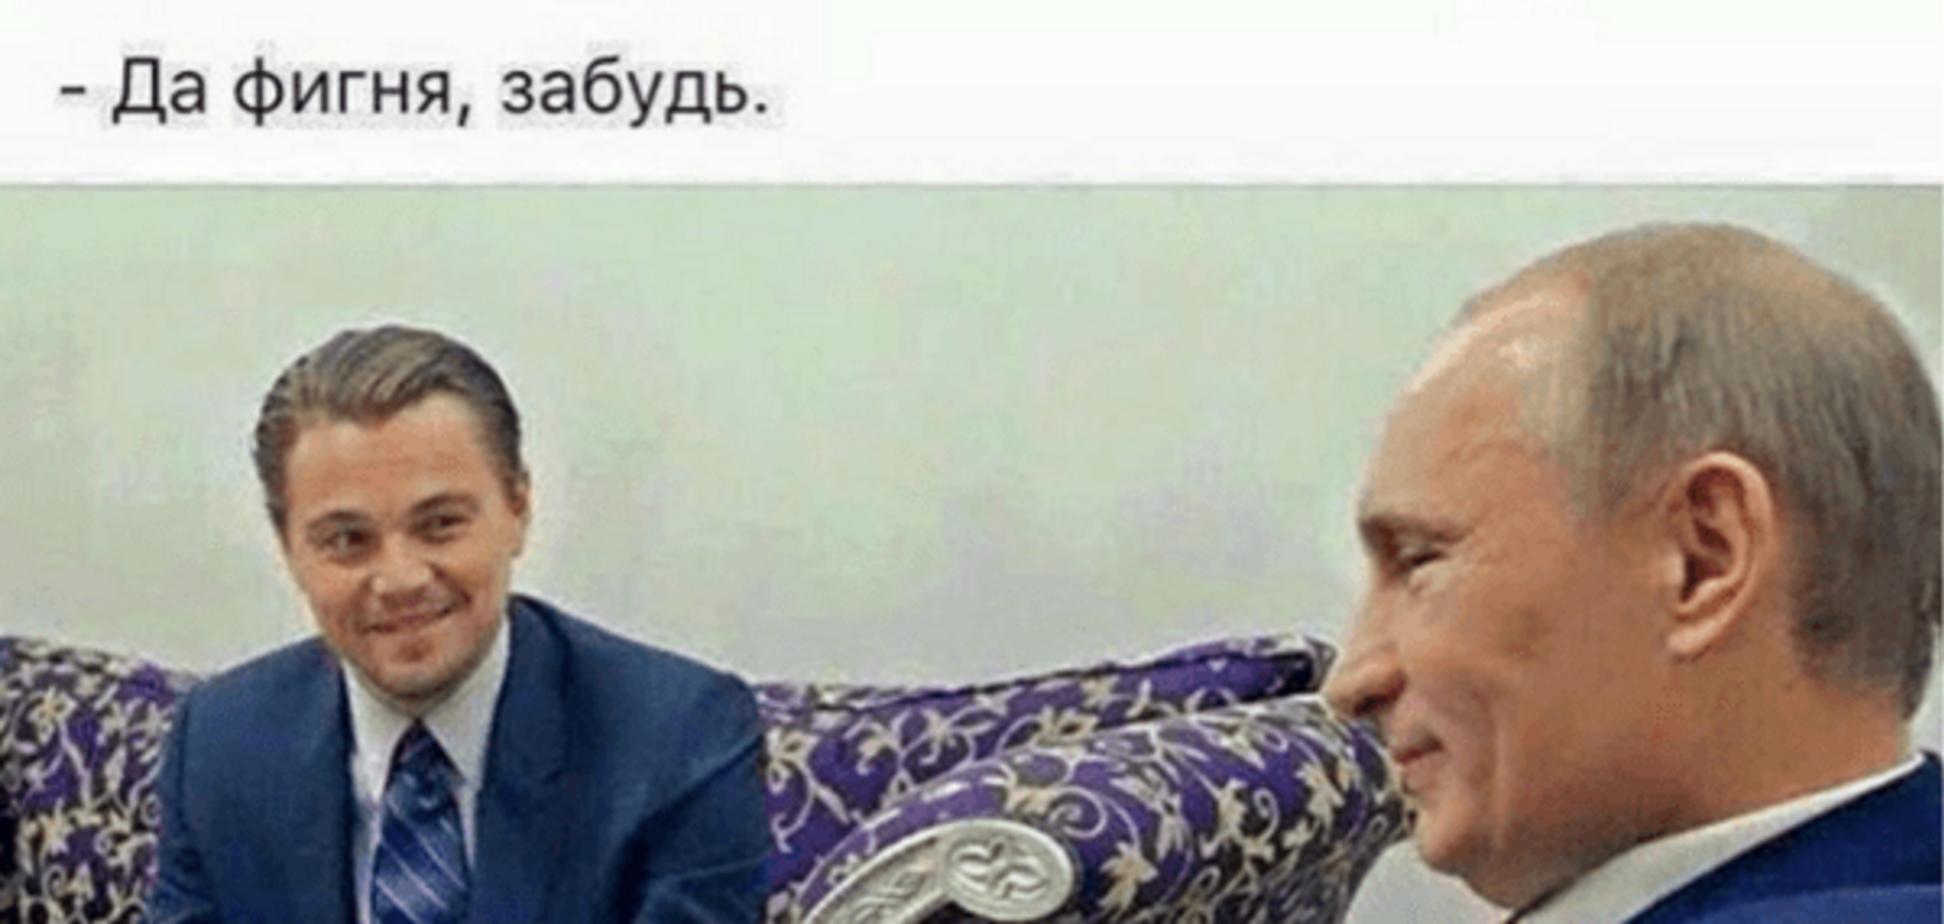 Рівень пральні: мінкульт Росії 'зробив' перемогу ДіКапріо заслугою Путіна. Фотофакт